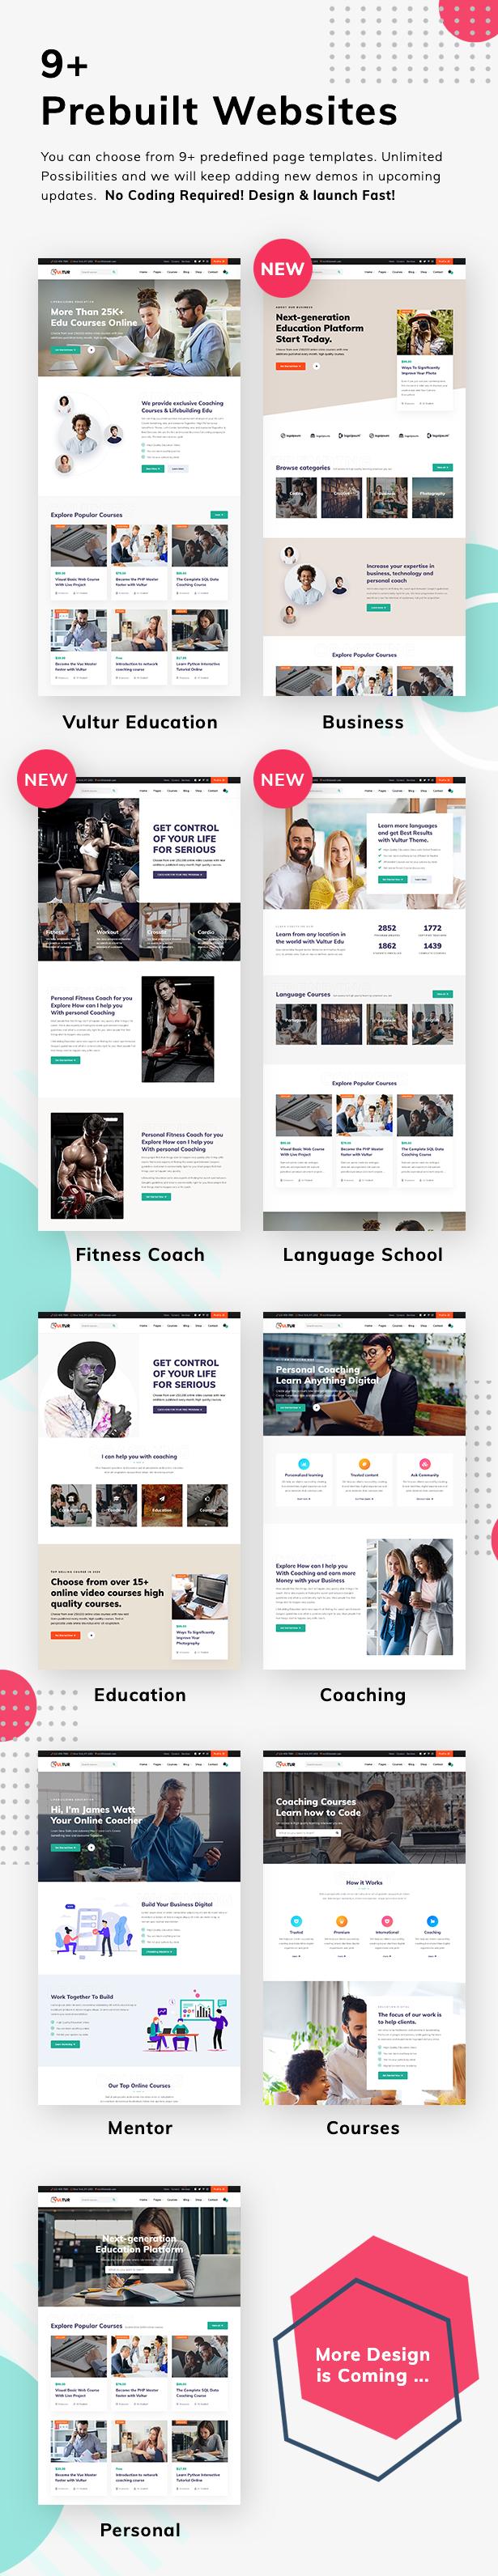 Coach Online Courses & LMS Education WordPress - Vultur - 3